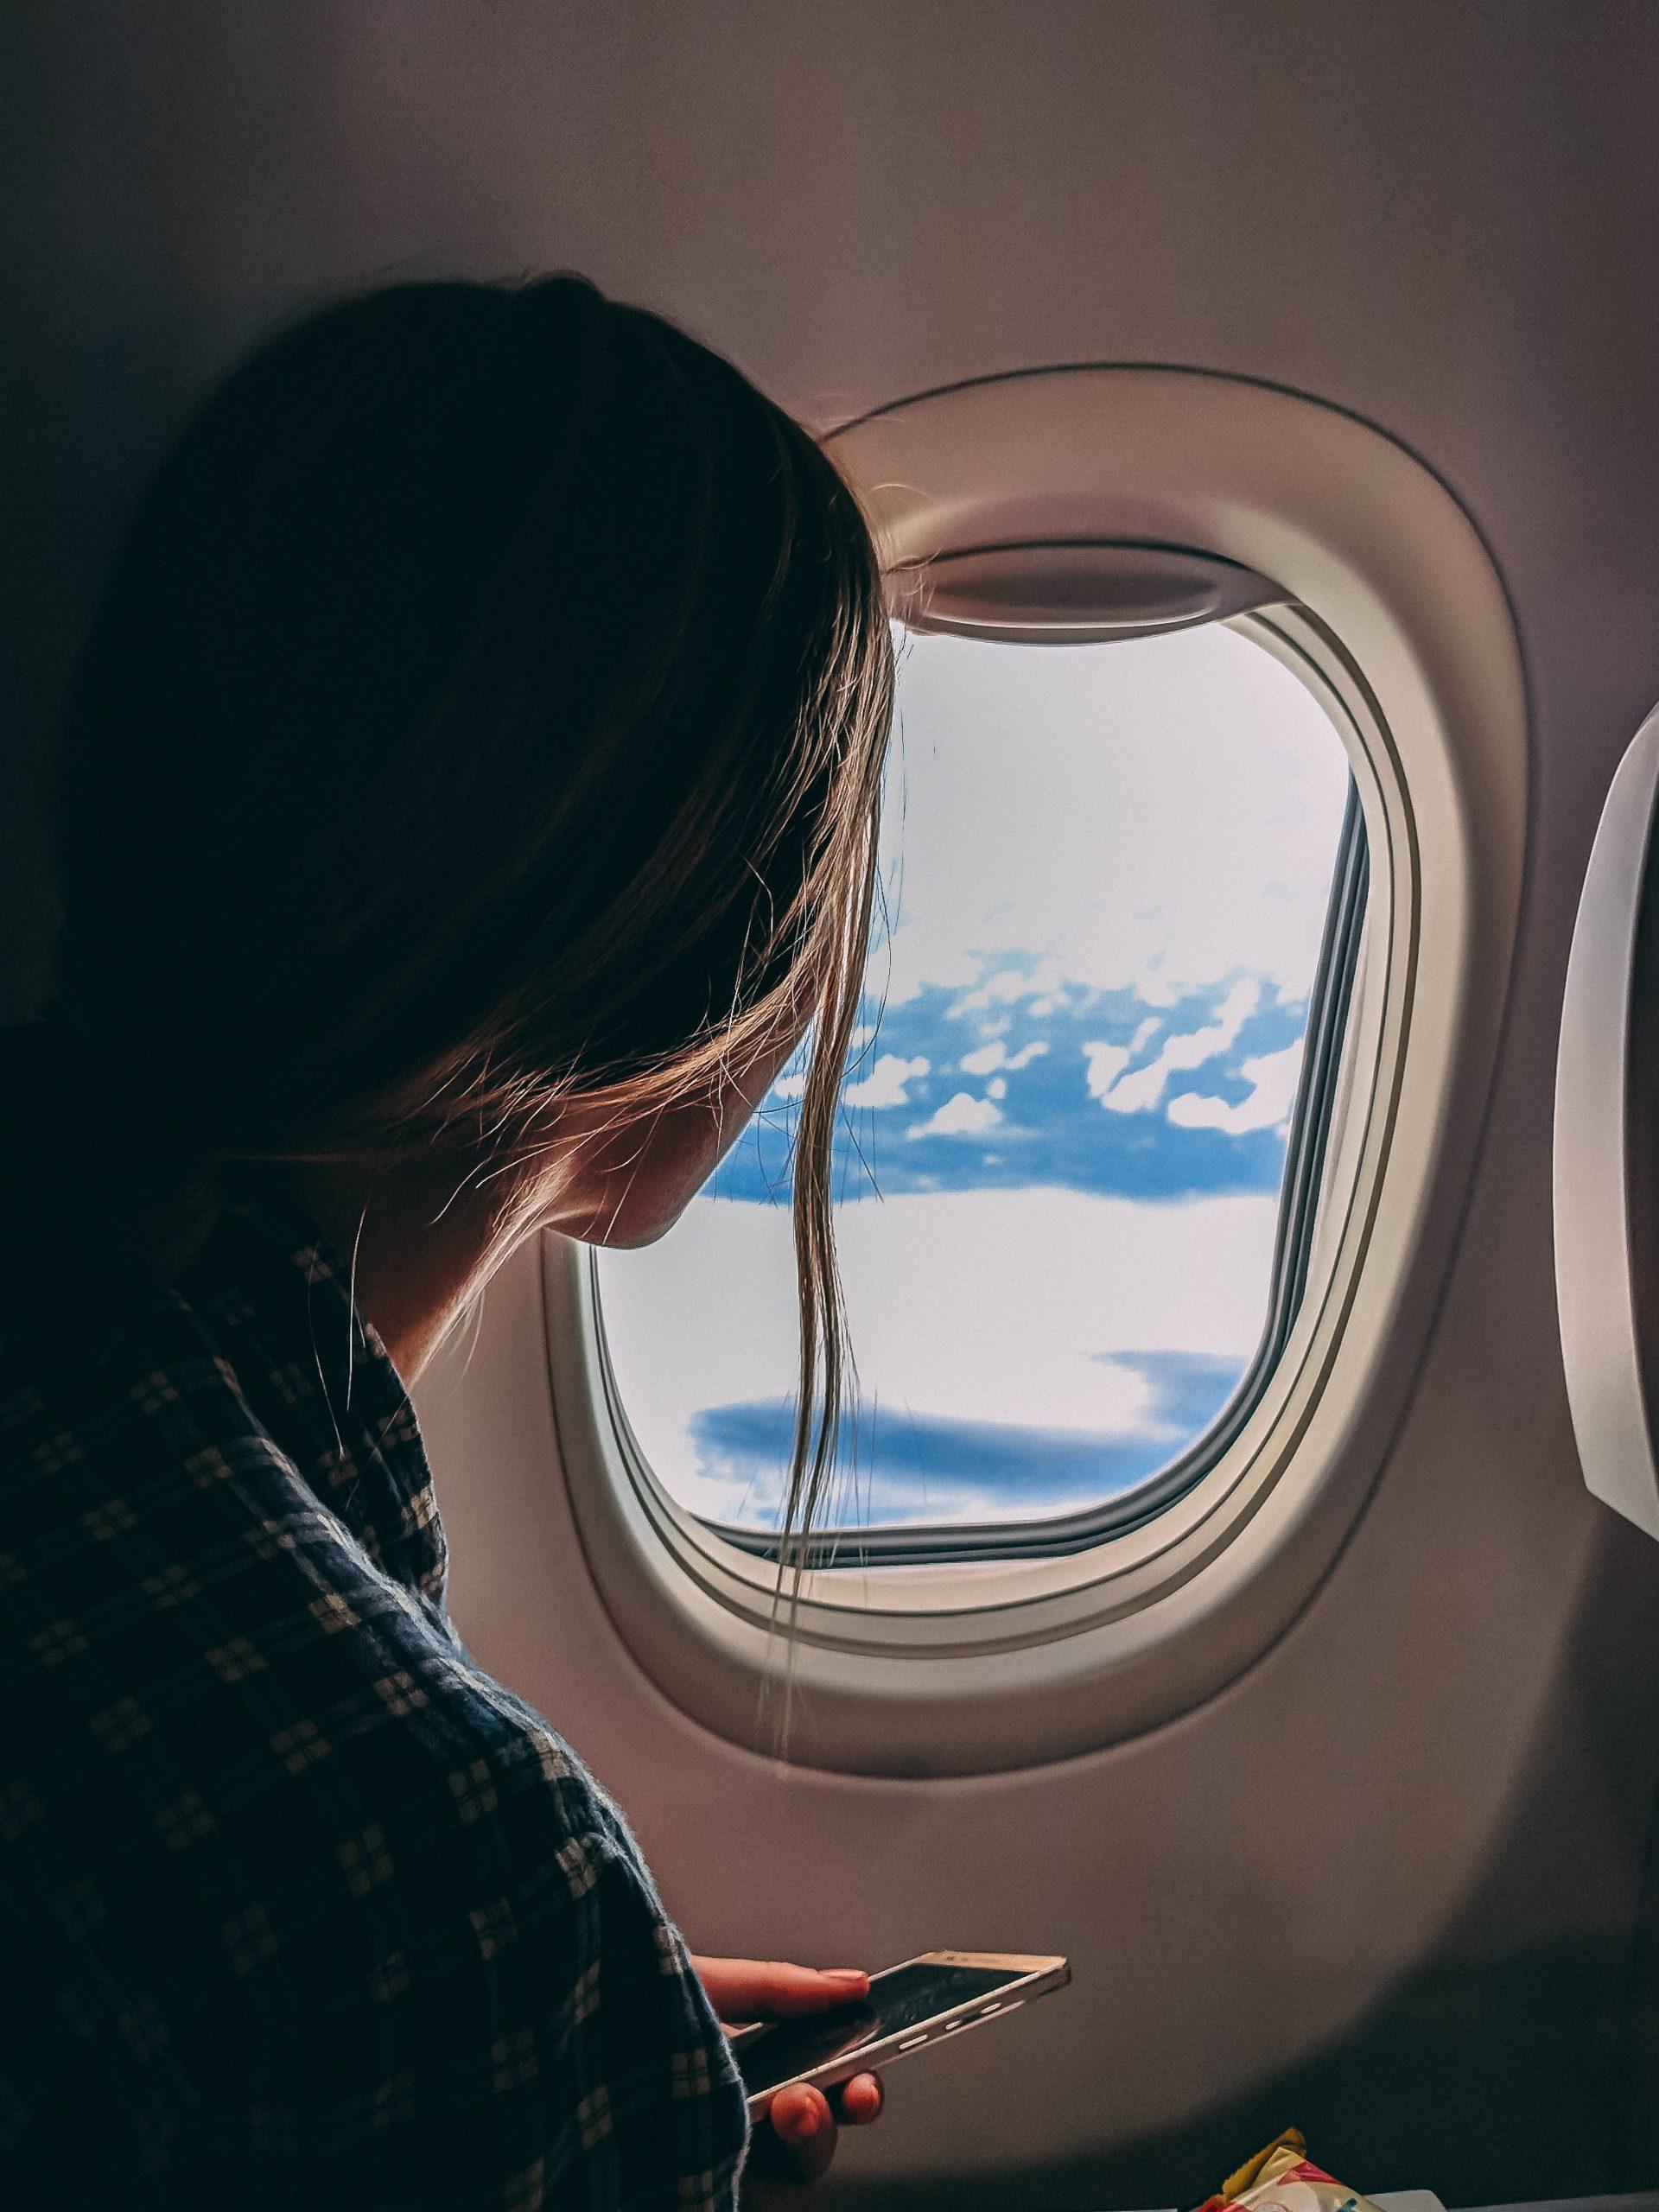 HOPPFULLT OM FLYG: Elflyget redo för take off – tids nog